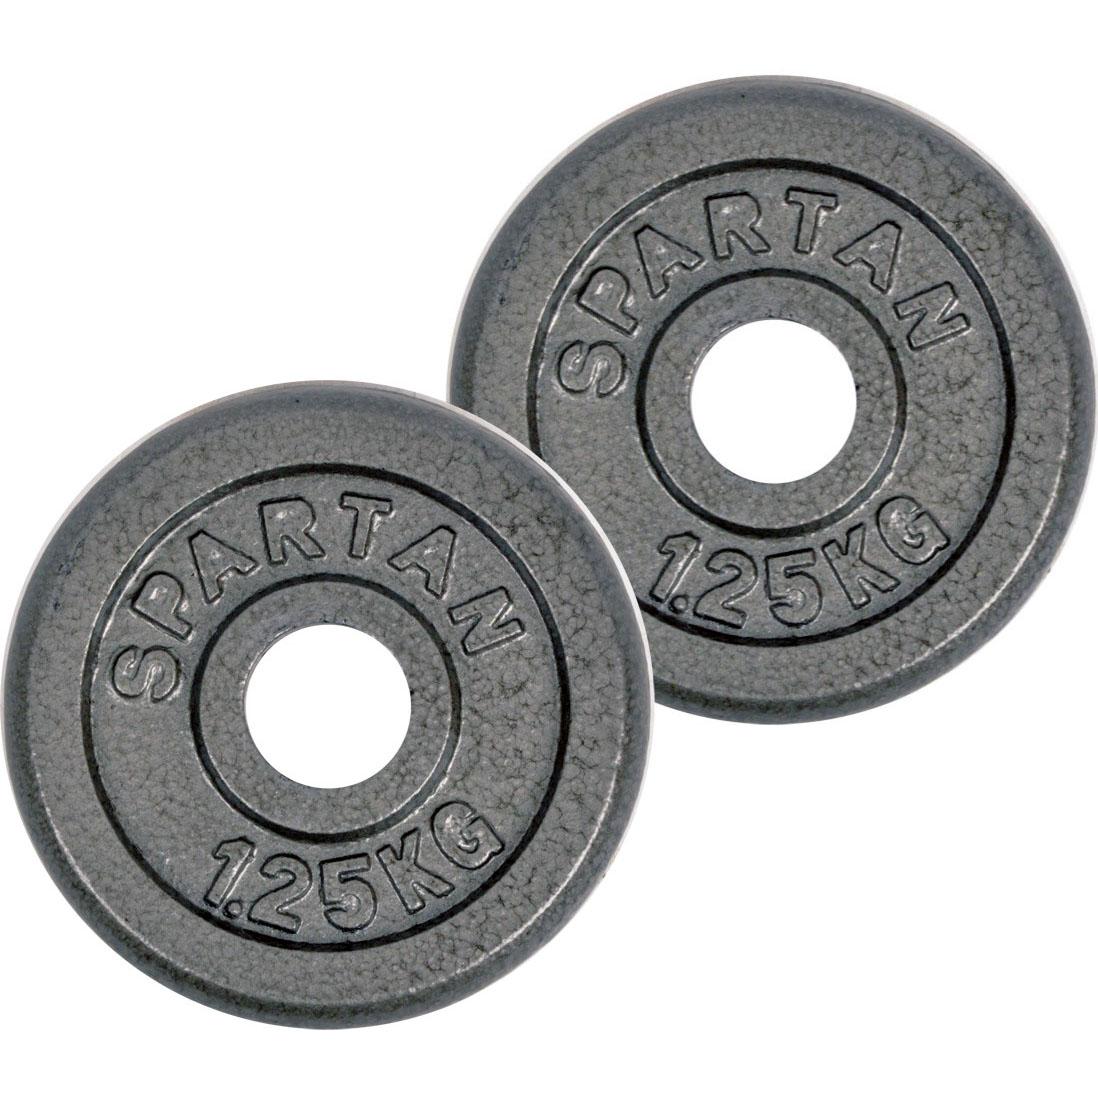 Závaží Spartan 2 x 1,25 kg ocelové